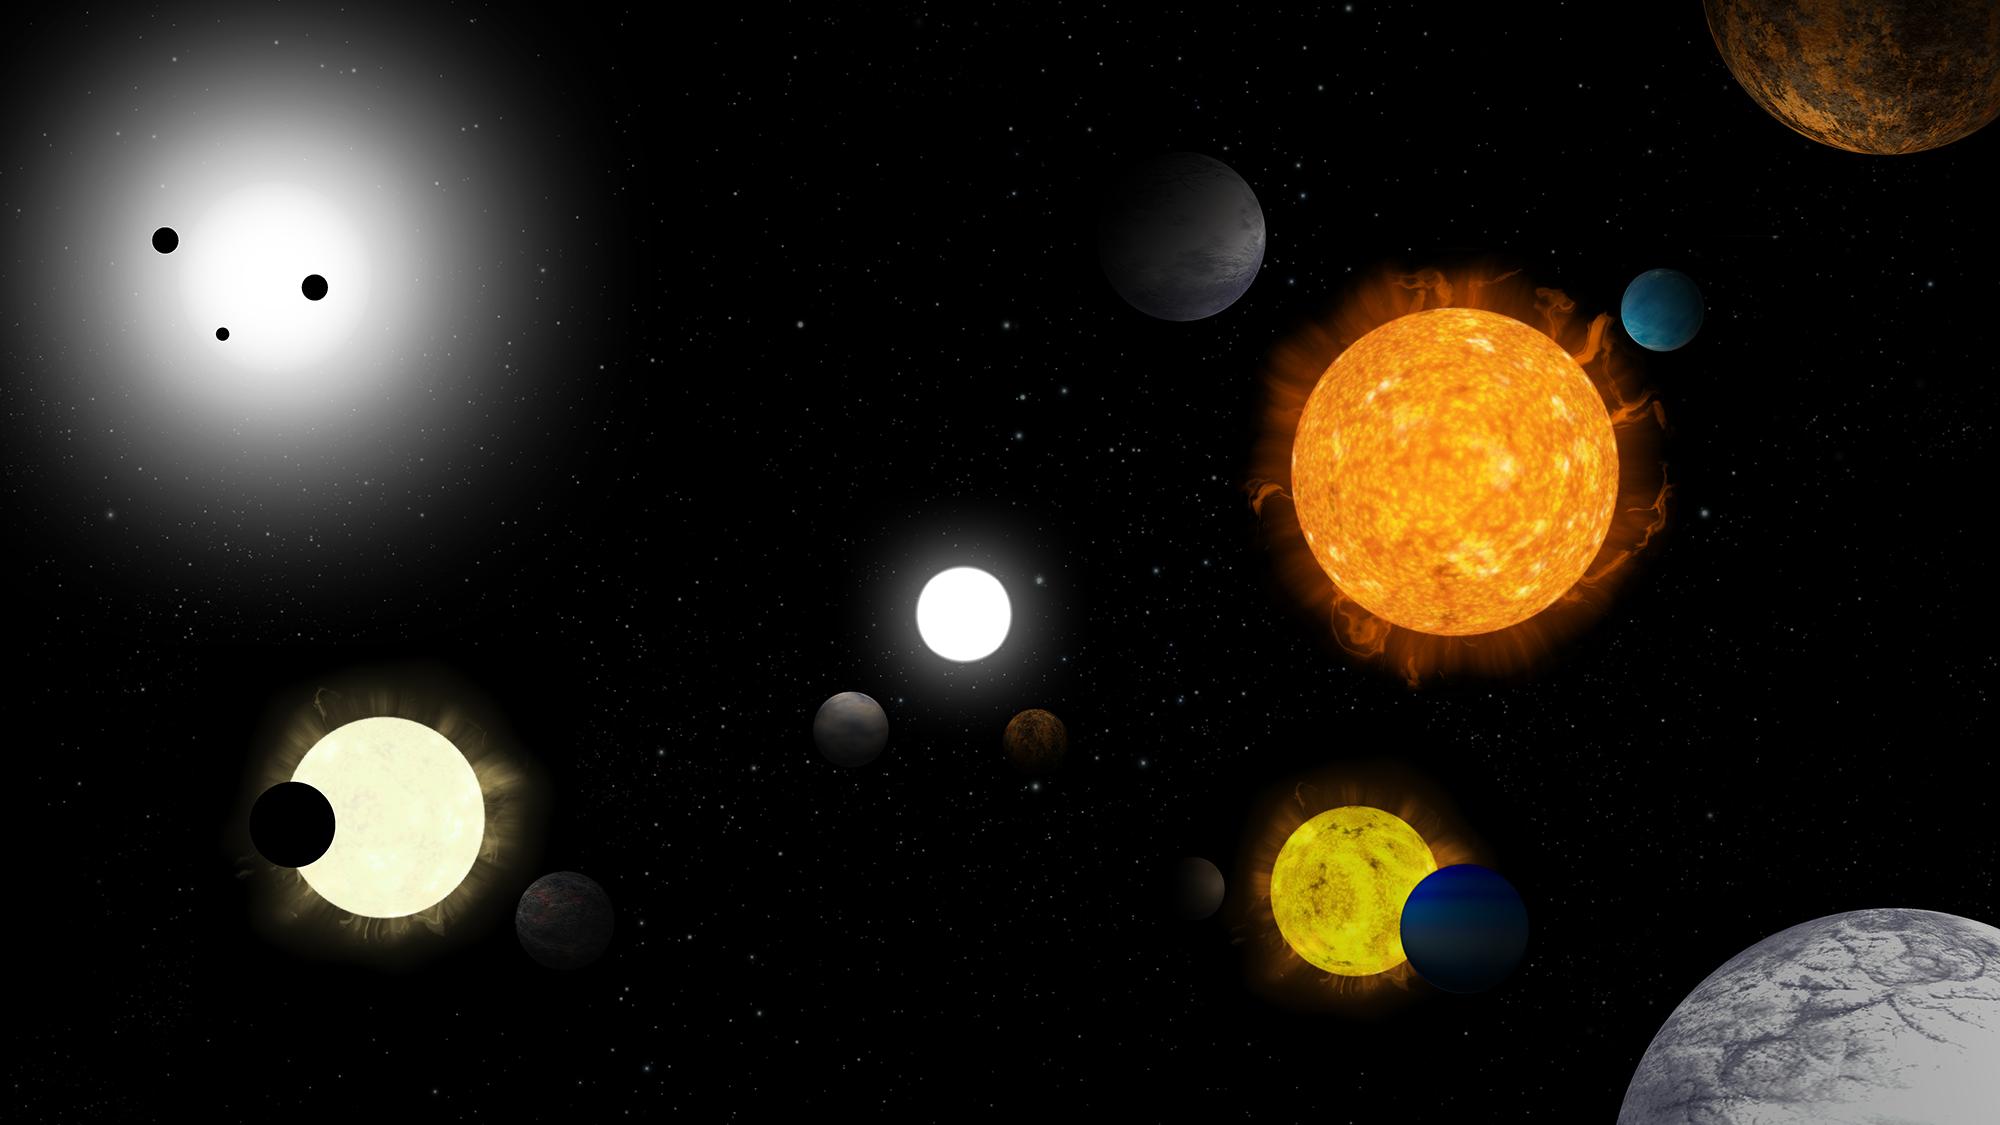 1567214023364-CHEOPS_Exoplanet_imaginarium_2k.jpg